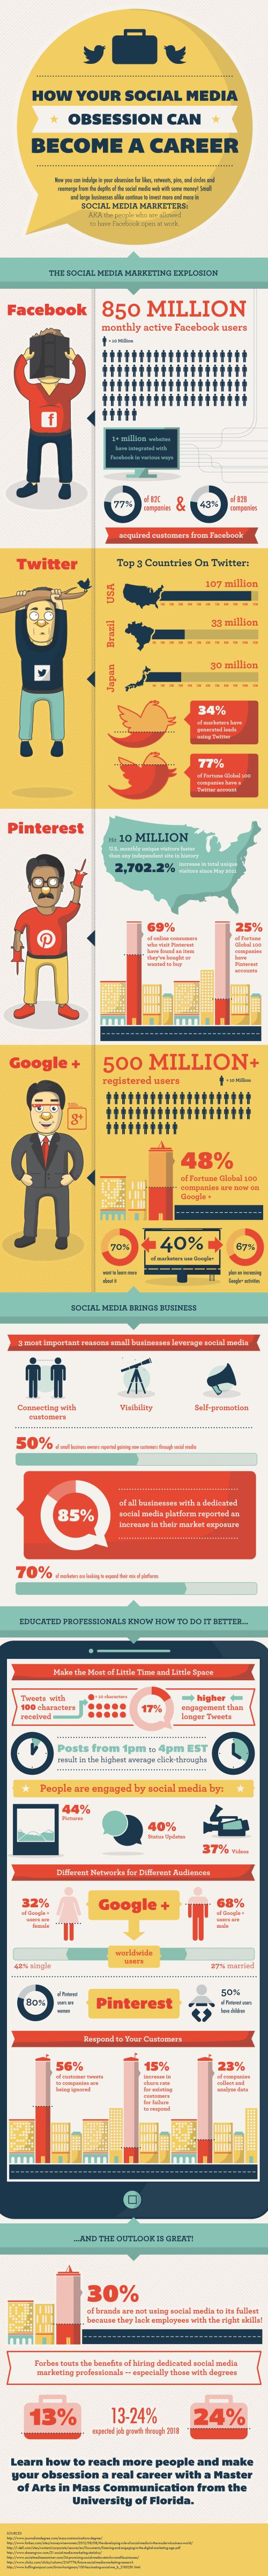 Social Media Career